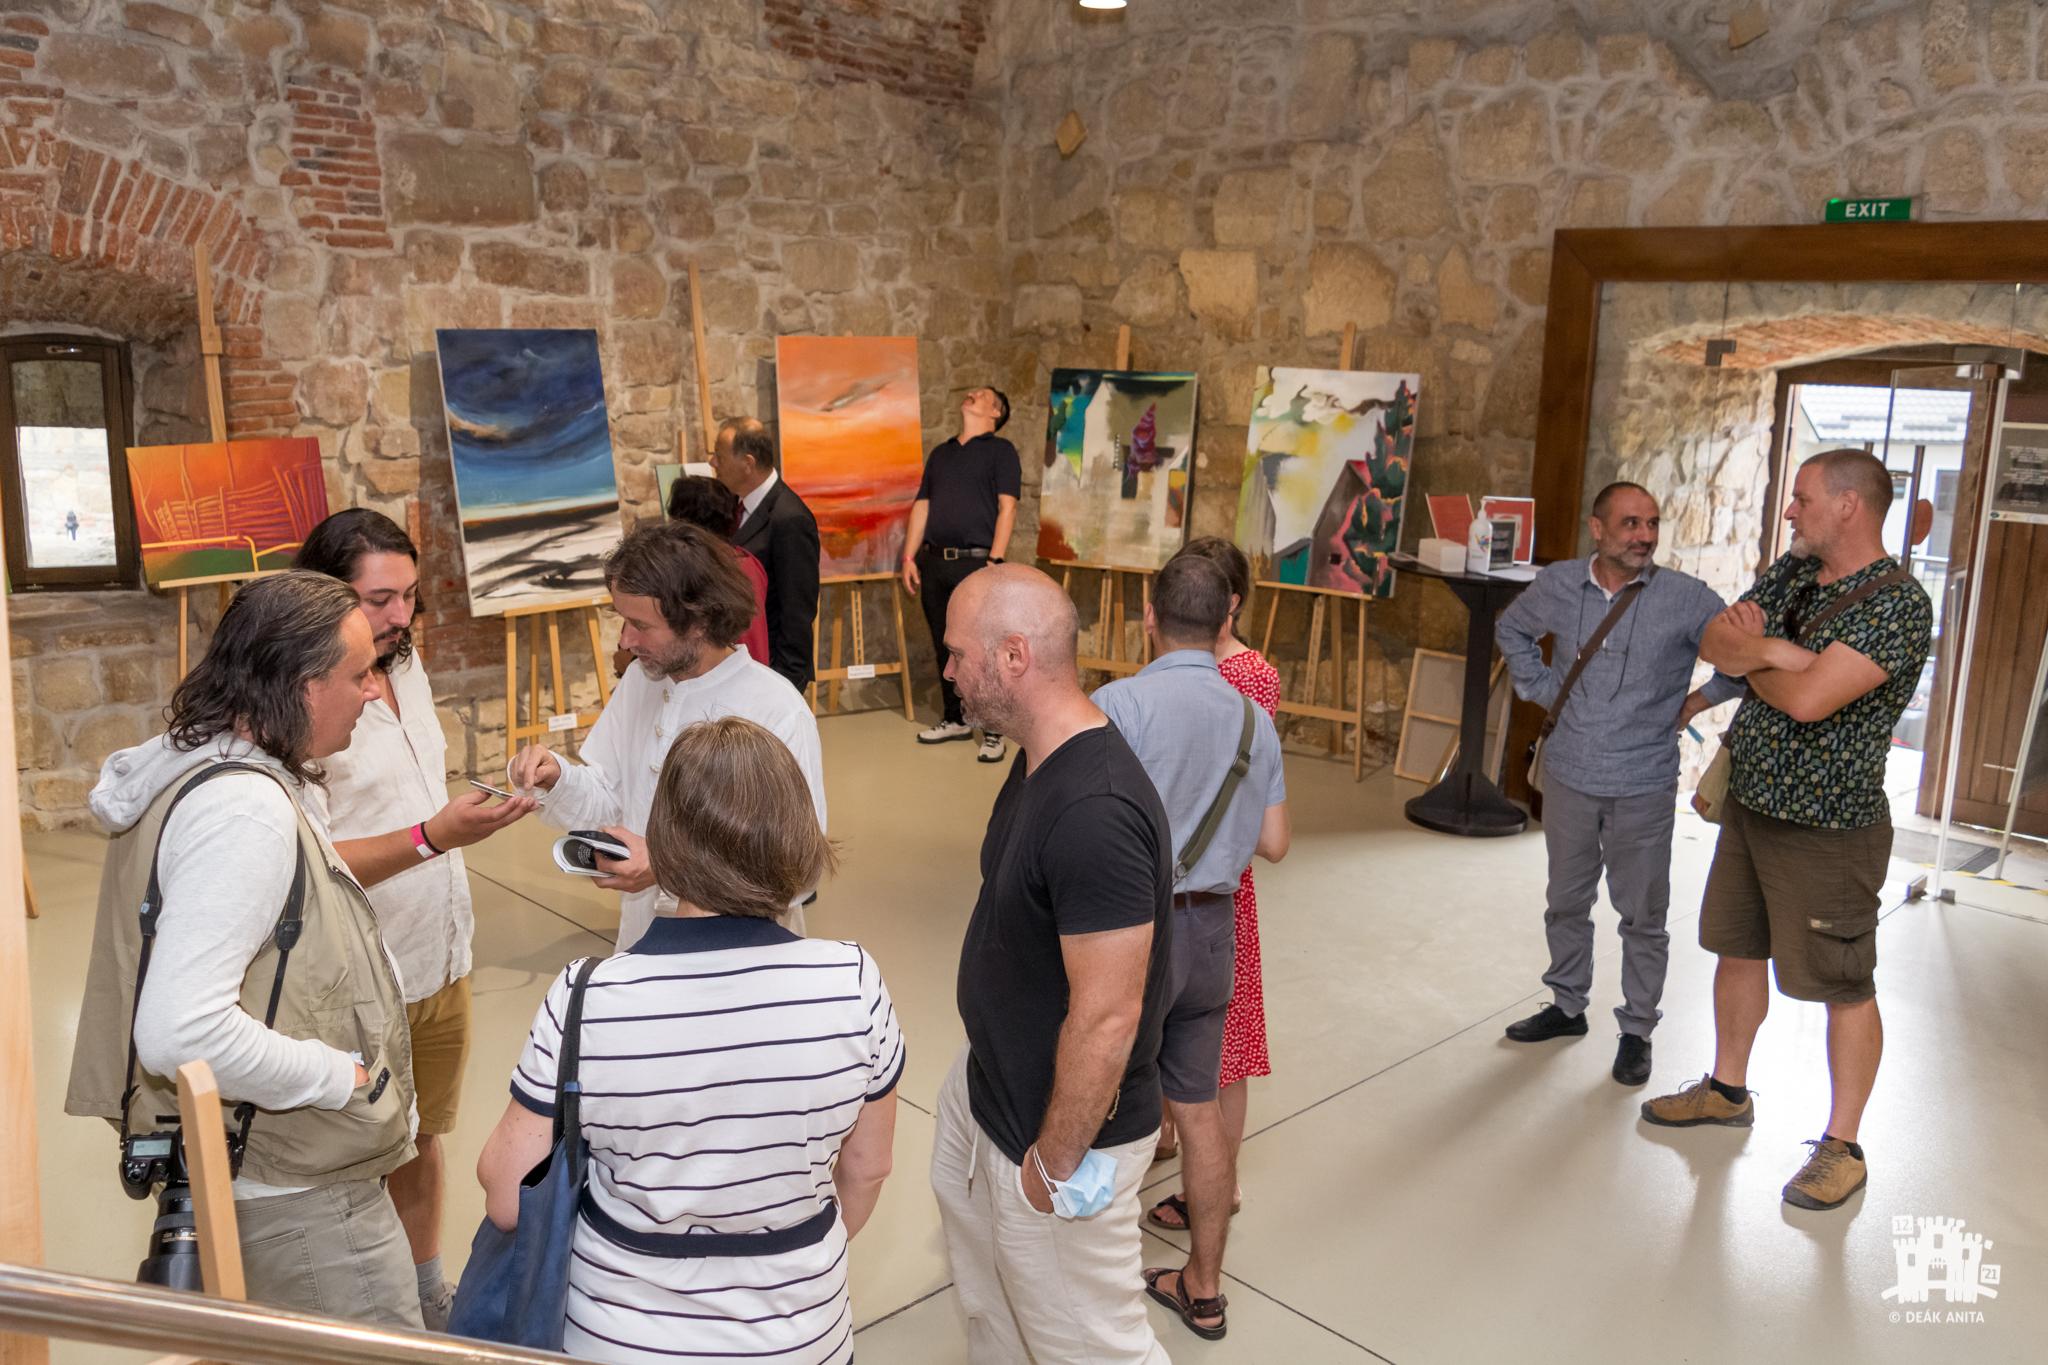 Ellentétes kiterjedések – a KÁRP-ART II. Kárpát-Medencei Képzőművészeti Mesterszimpózium és Művésztelep kiállításának megnyitója